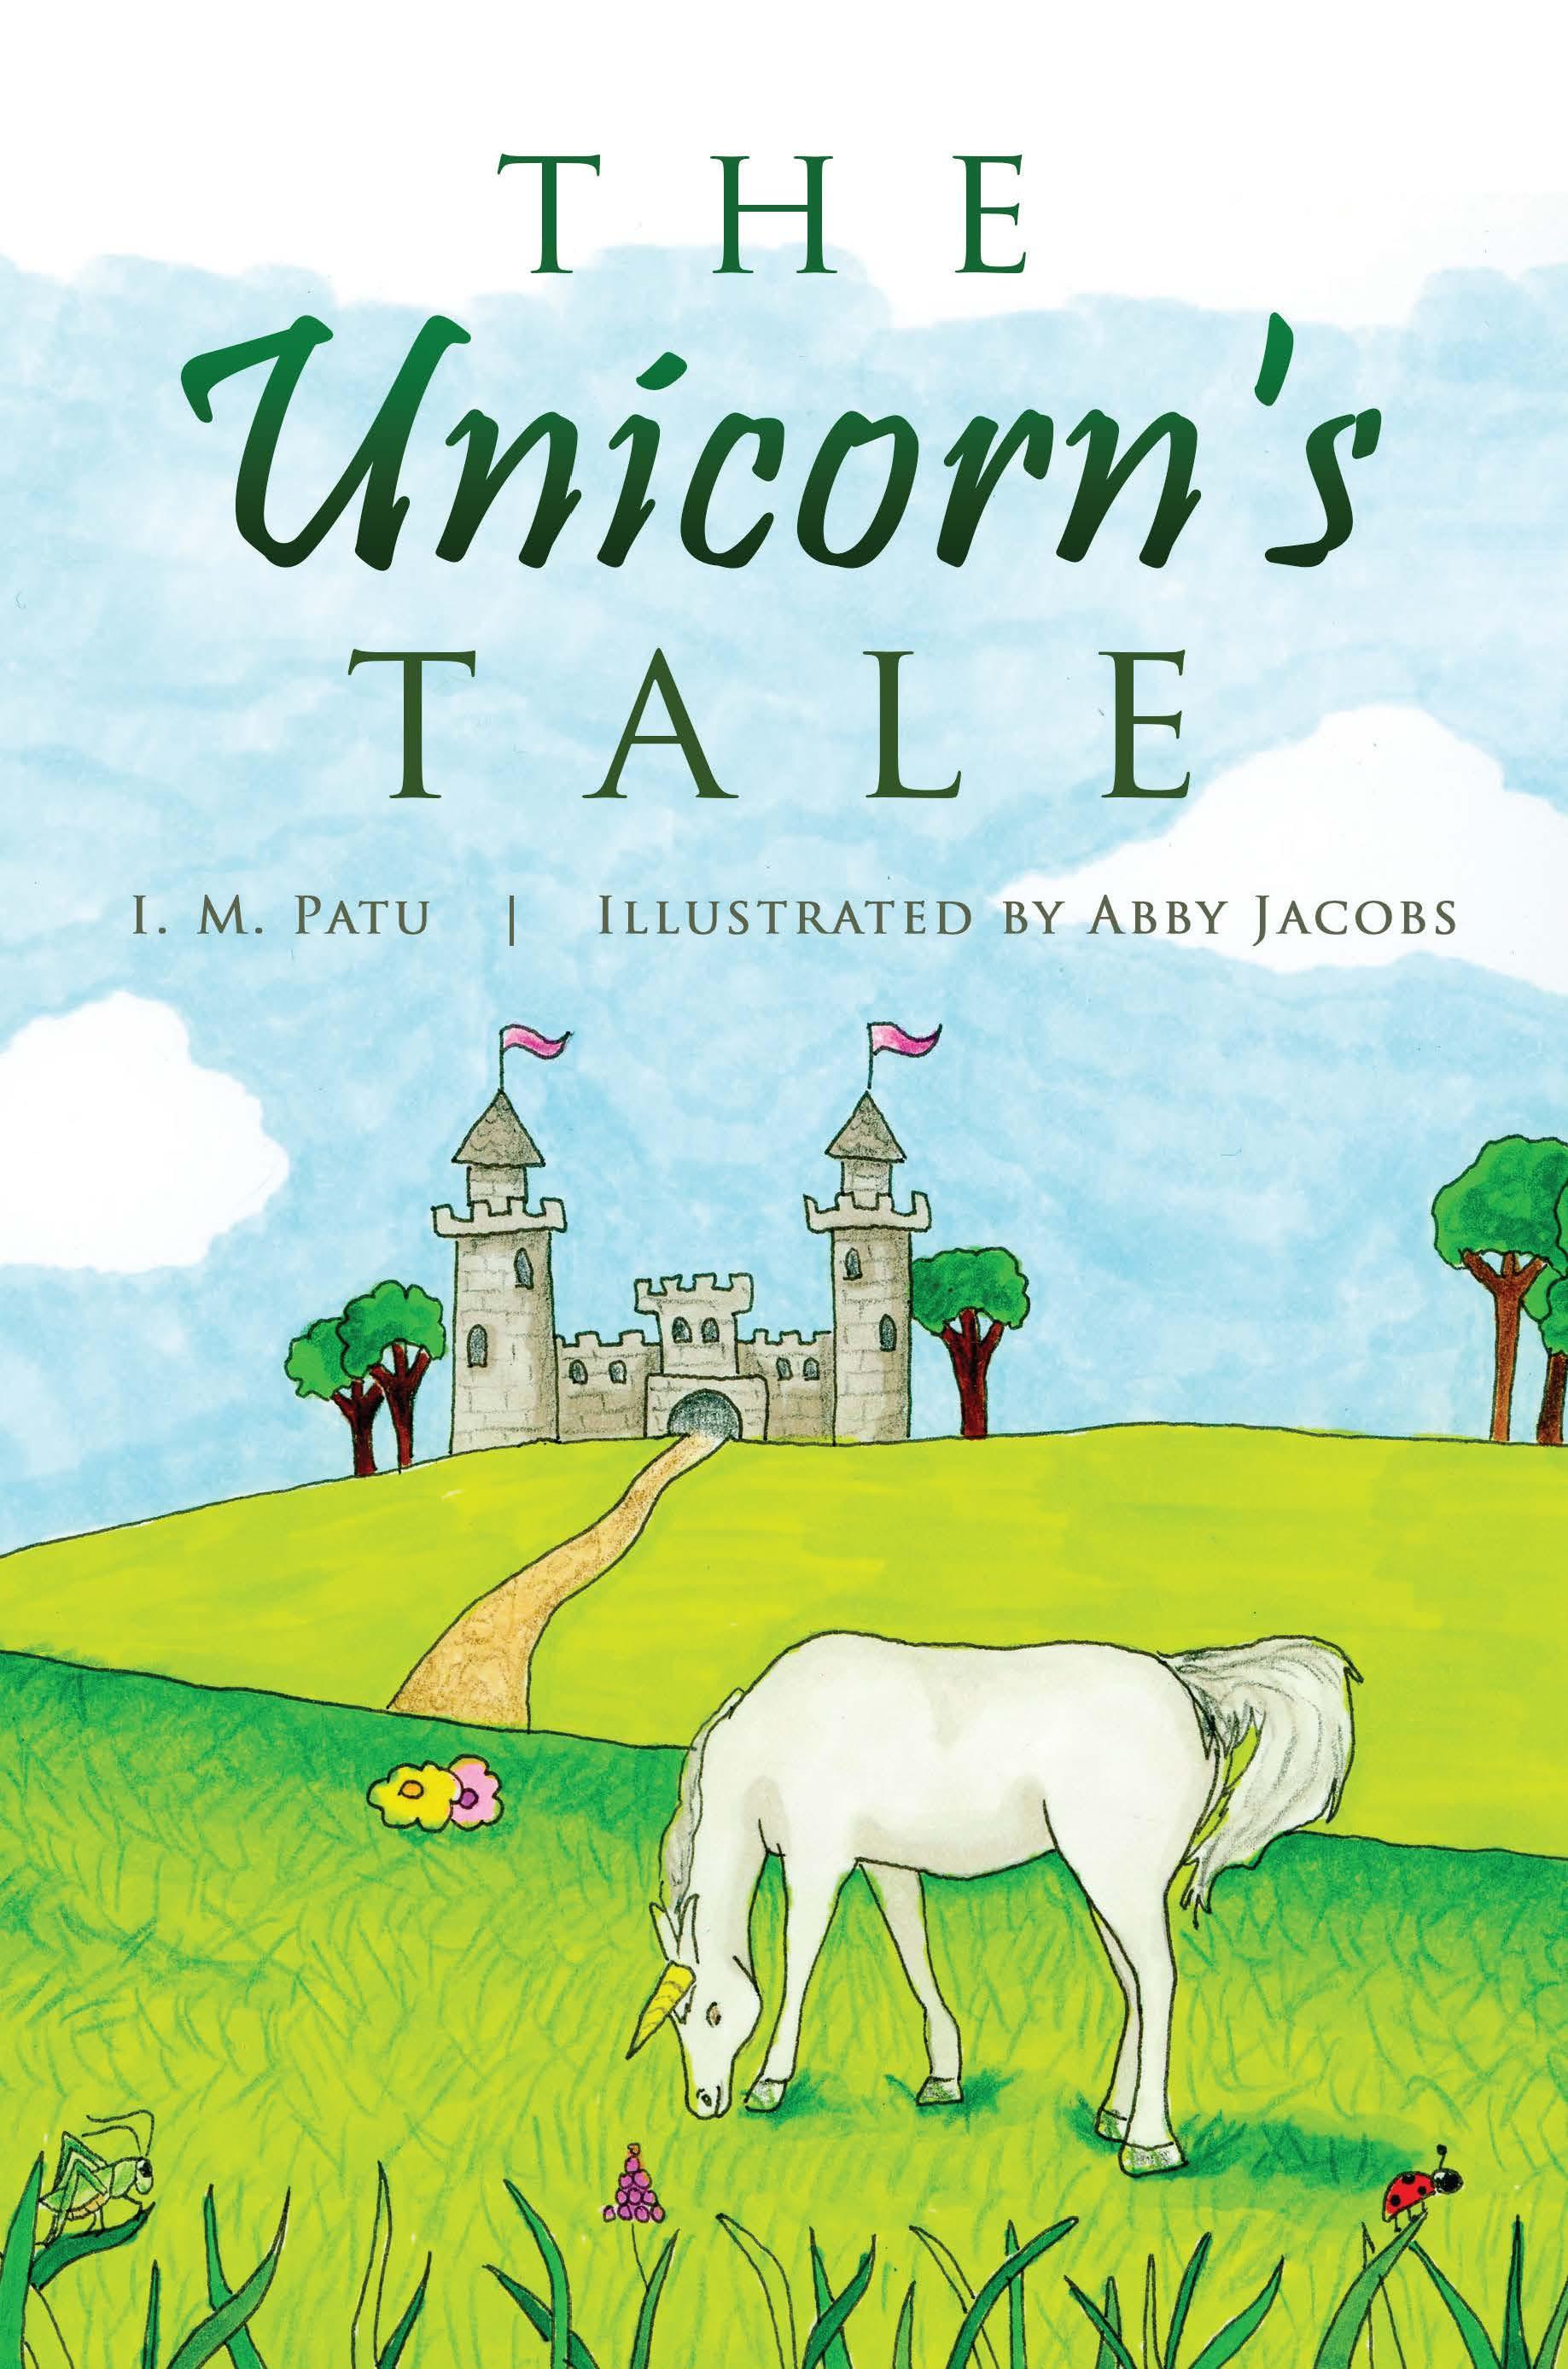 The Unicorn's Tale by I.M. Patu